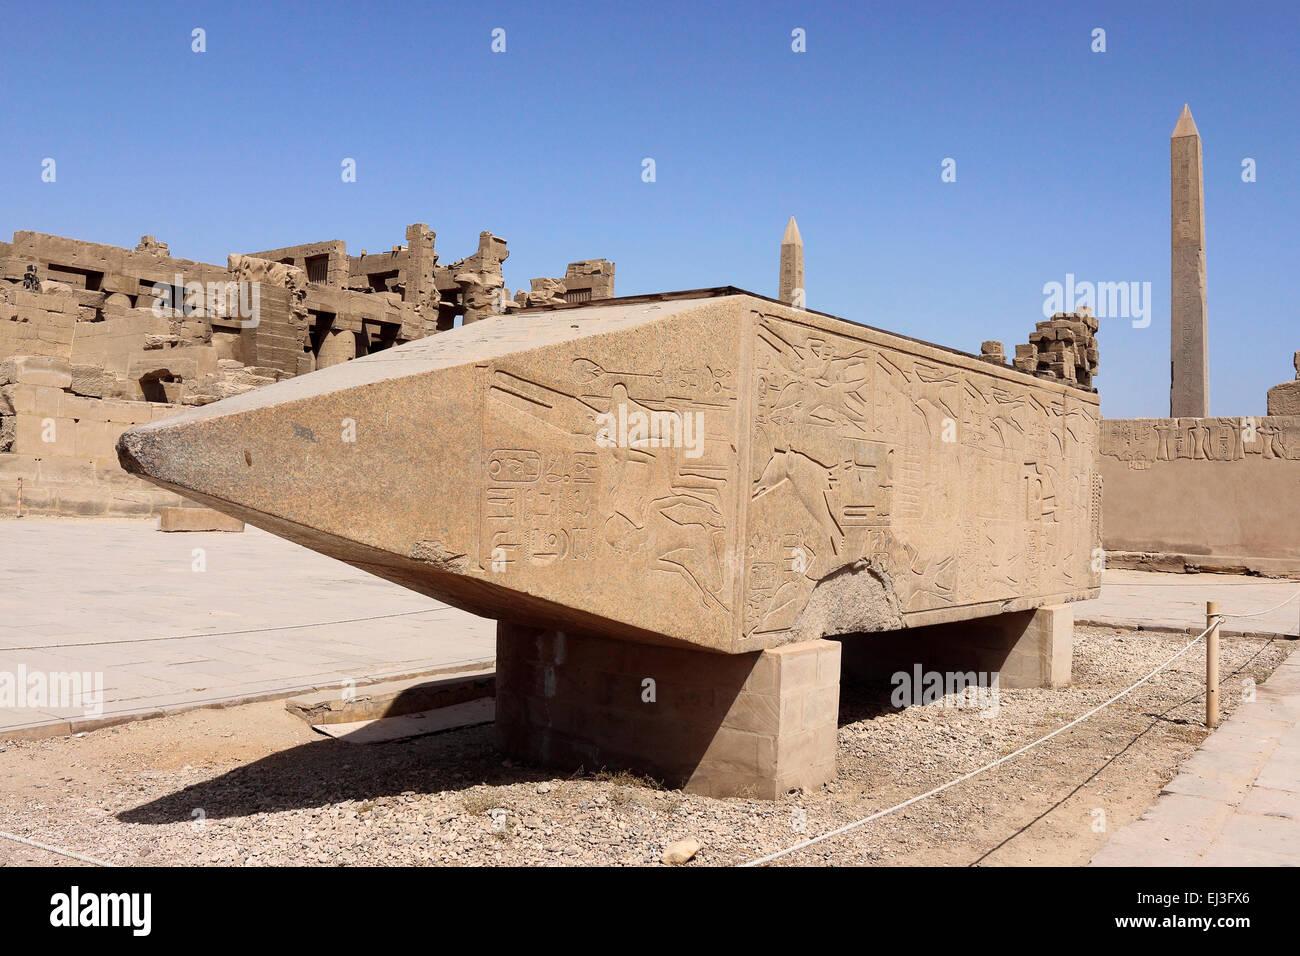 Fallen Obelisk of Hatshepsut Karnak Temple, Luxor, Egypt Stock Photo